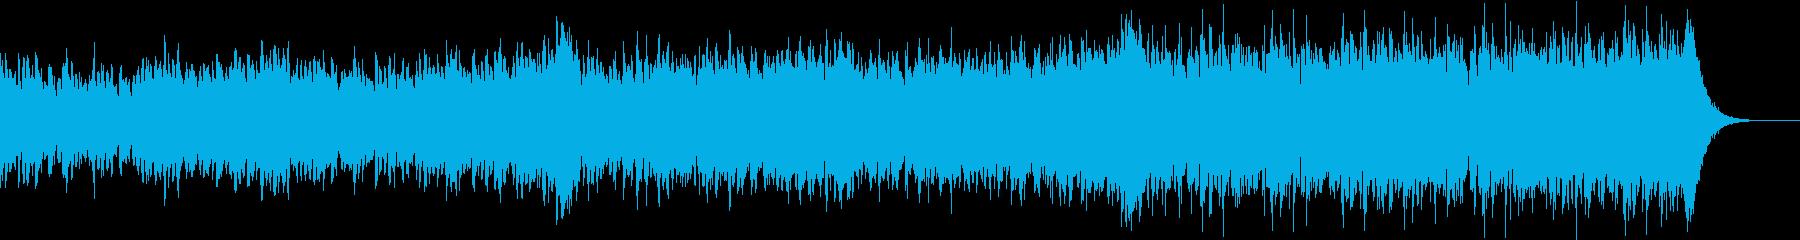 企業VP/オーケストラ/壮大/爽やか4bの再生済みの波形